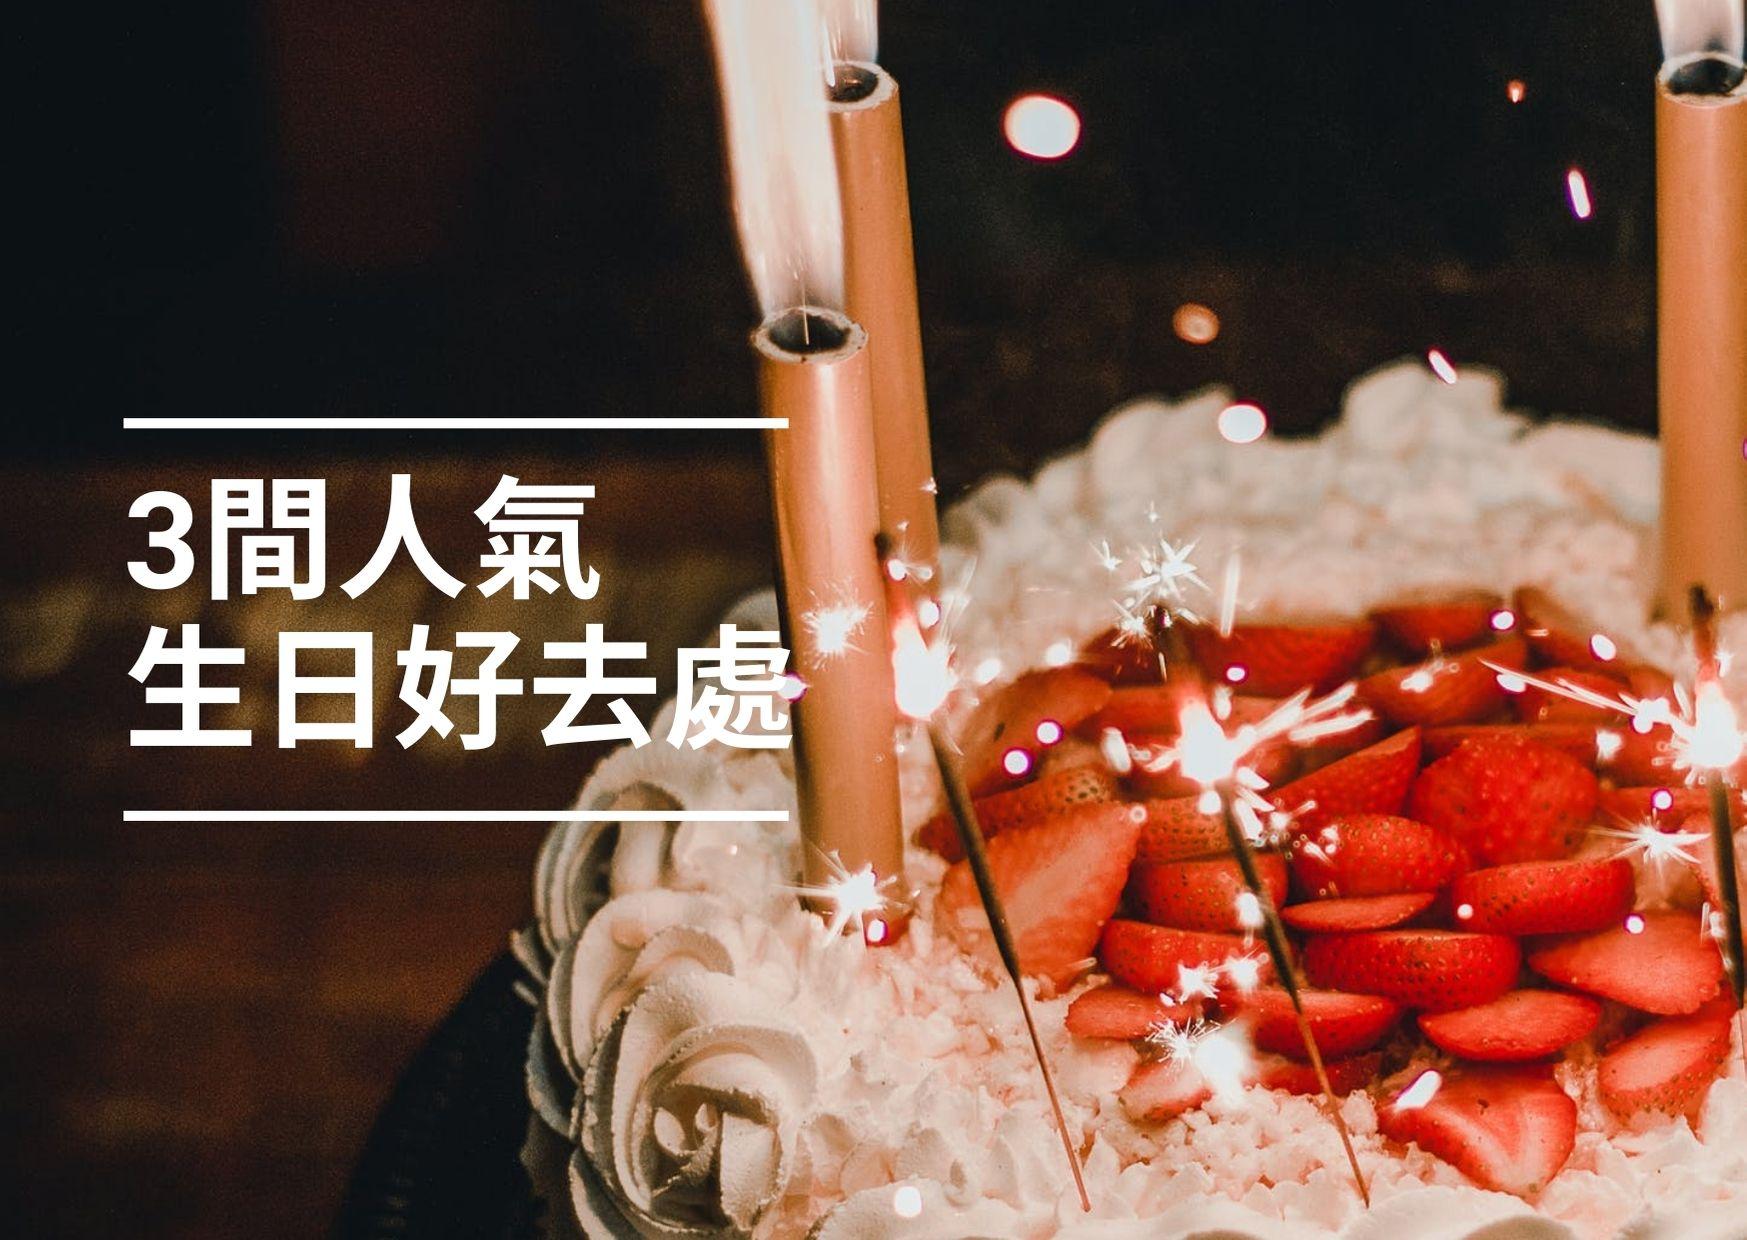 【生日好去處】精選3個生日好去處推介!